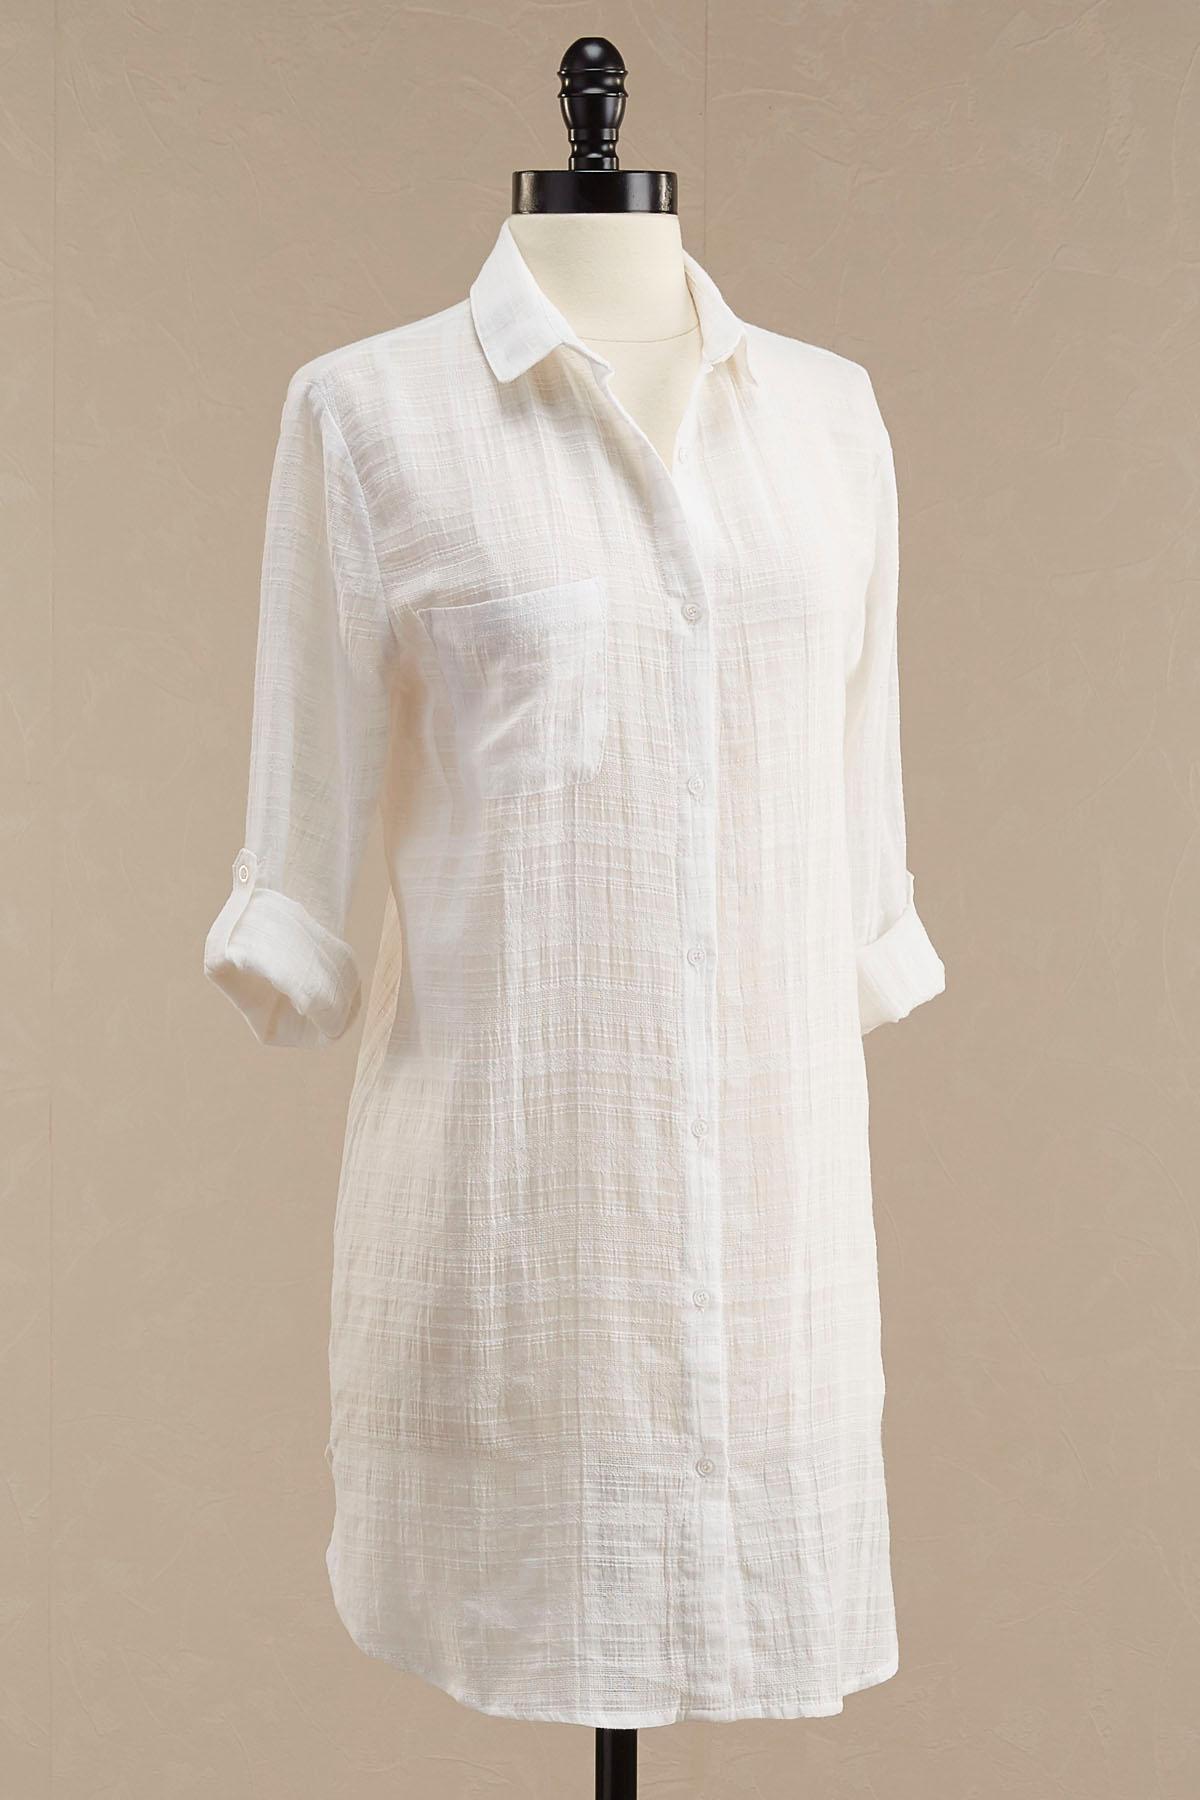 Woven Plaid Button Down Shirt